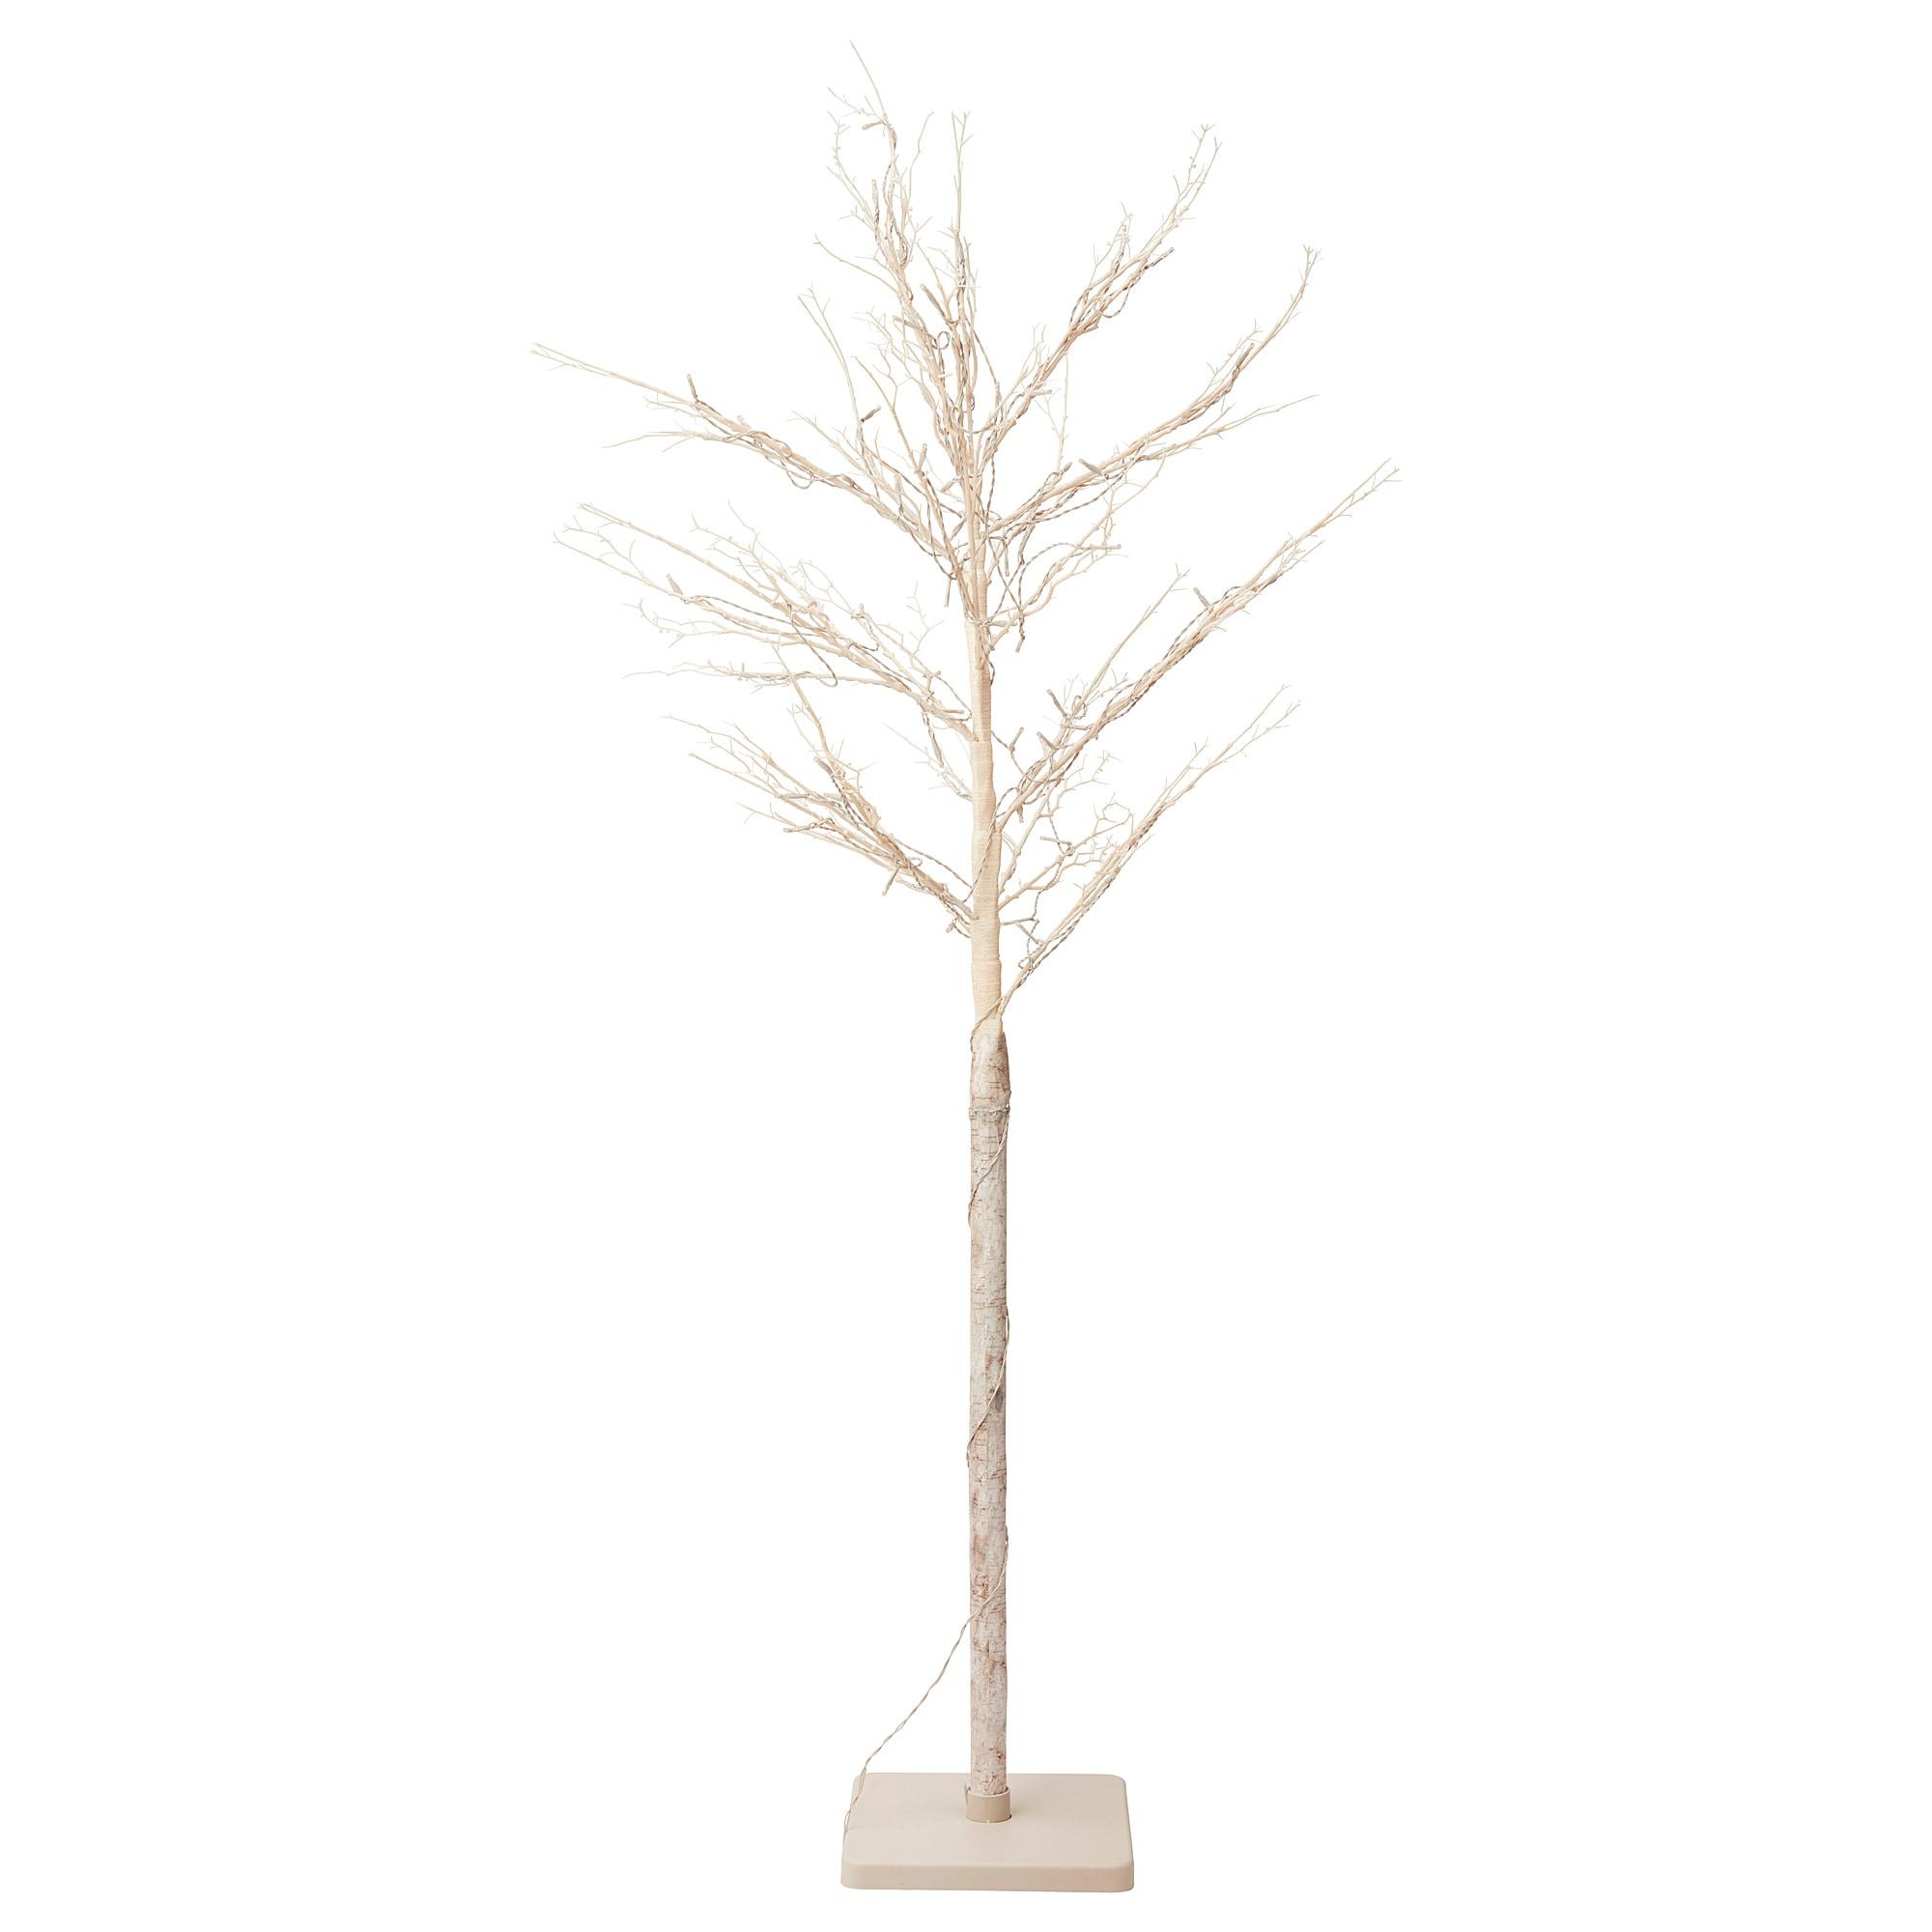 Искусственное растение с подсветкой ФЕЙКА белый артикуль № 504.016.51 в наличии. Онлайн каталог IKEA РБ. Быстрая доставка и установка.